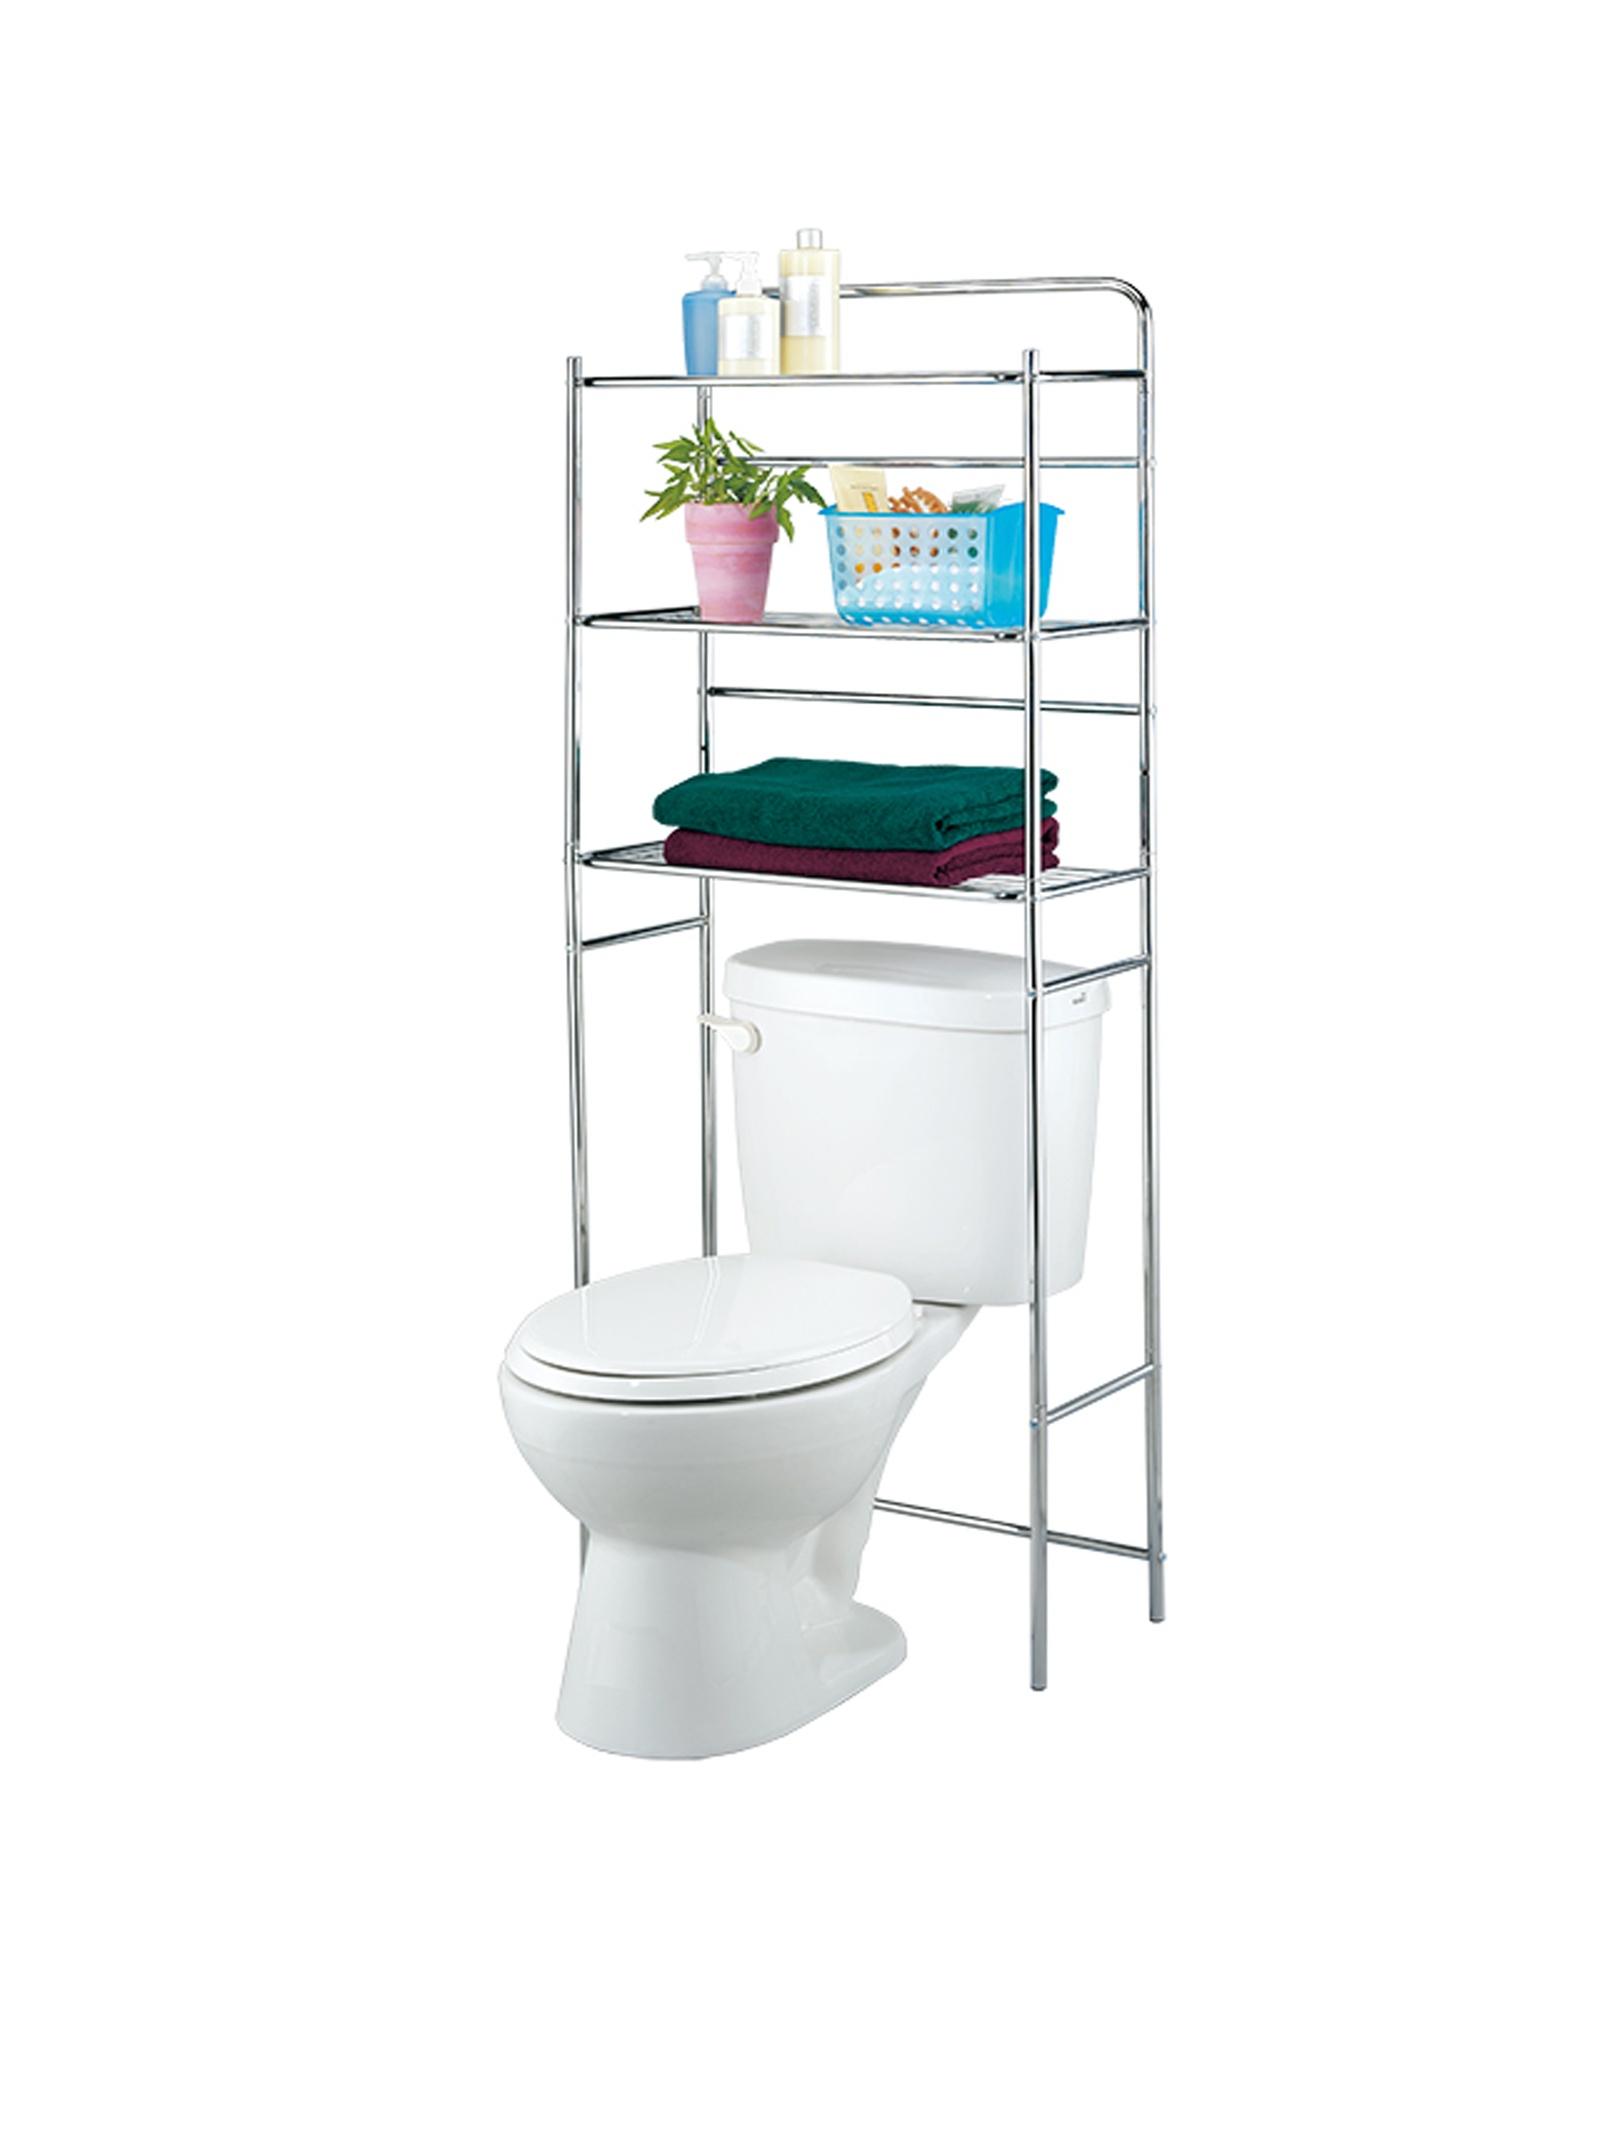 Полка для ванной комнаты UniStor Стеллаж - полка напольная трёхъярусная CODY для ванной комнаты туалета, Нержавеющая сталь